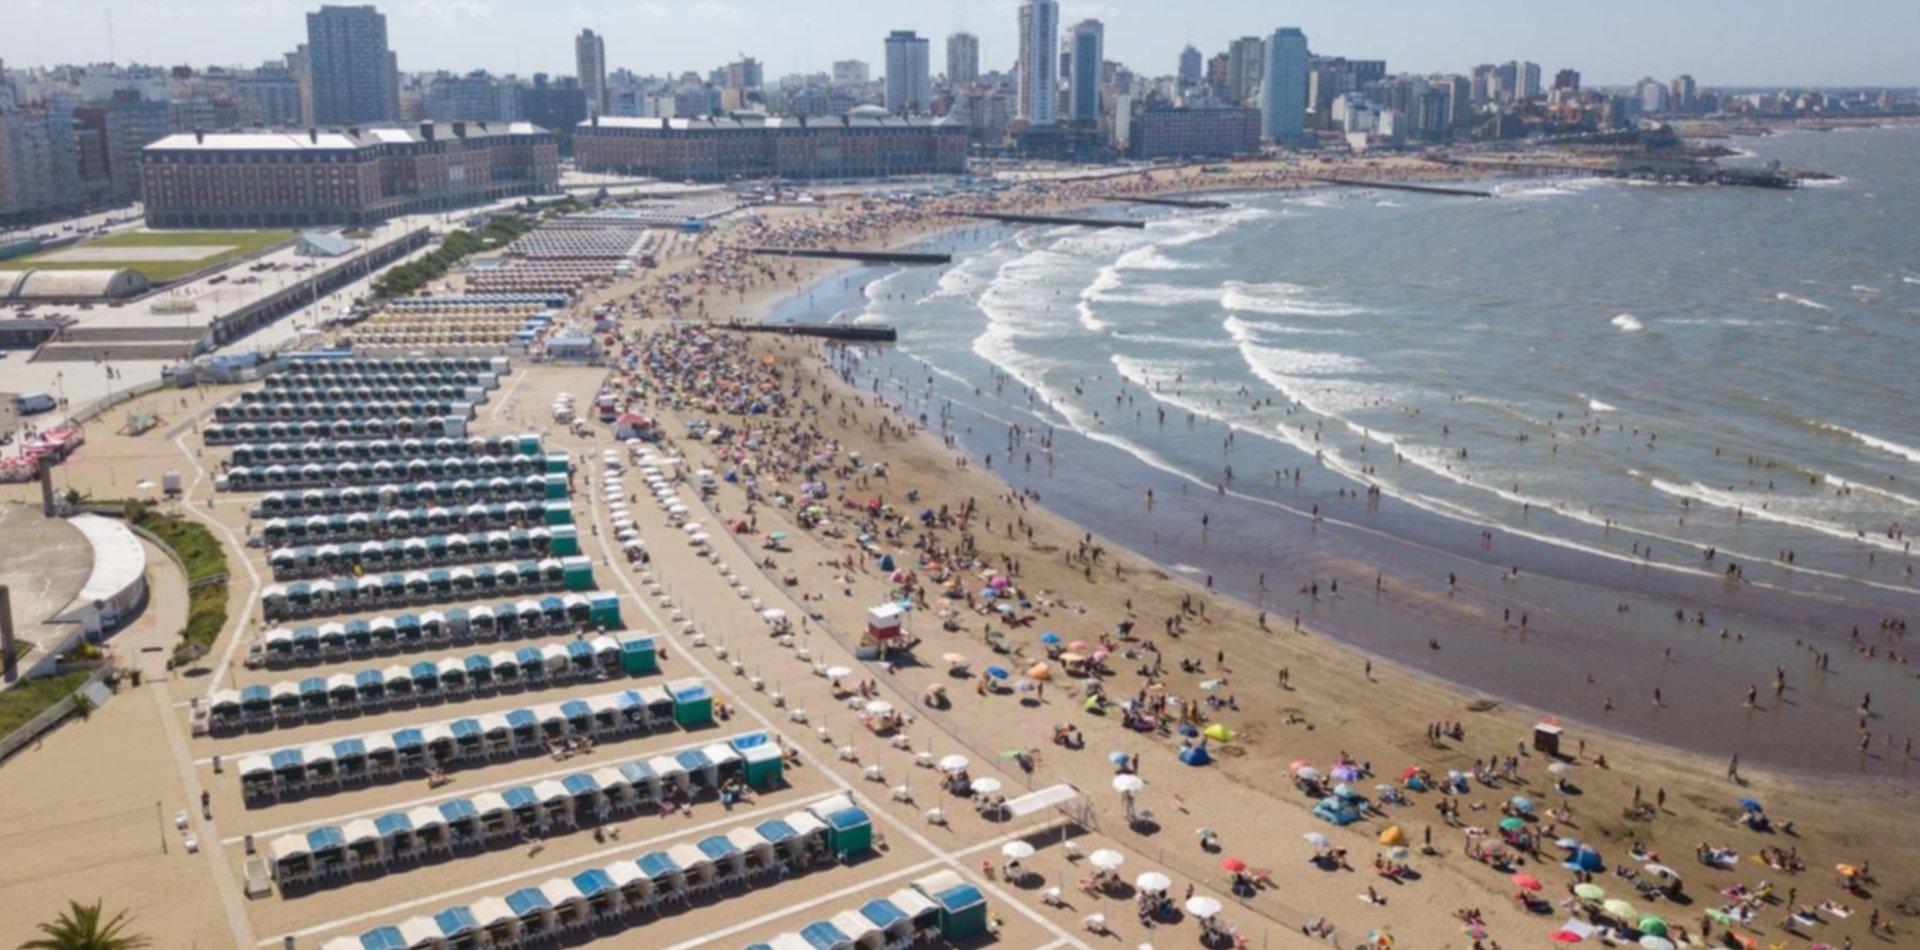 ¿Qué pasará con los turistas que se contagien COVID-19 durante la temporada de verano?